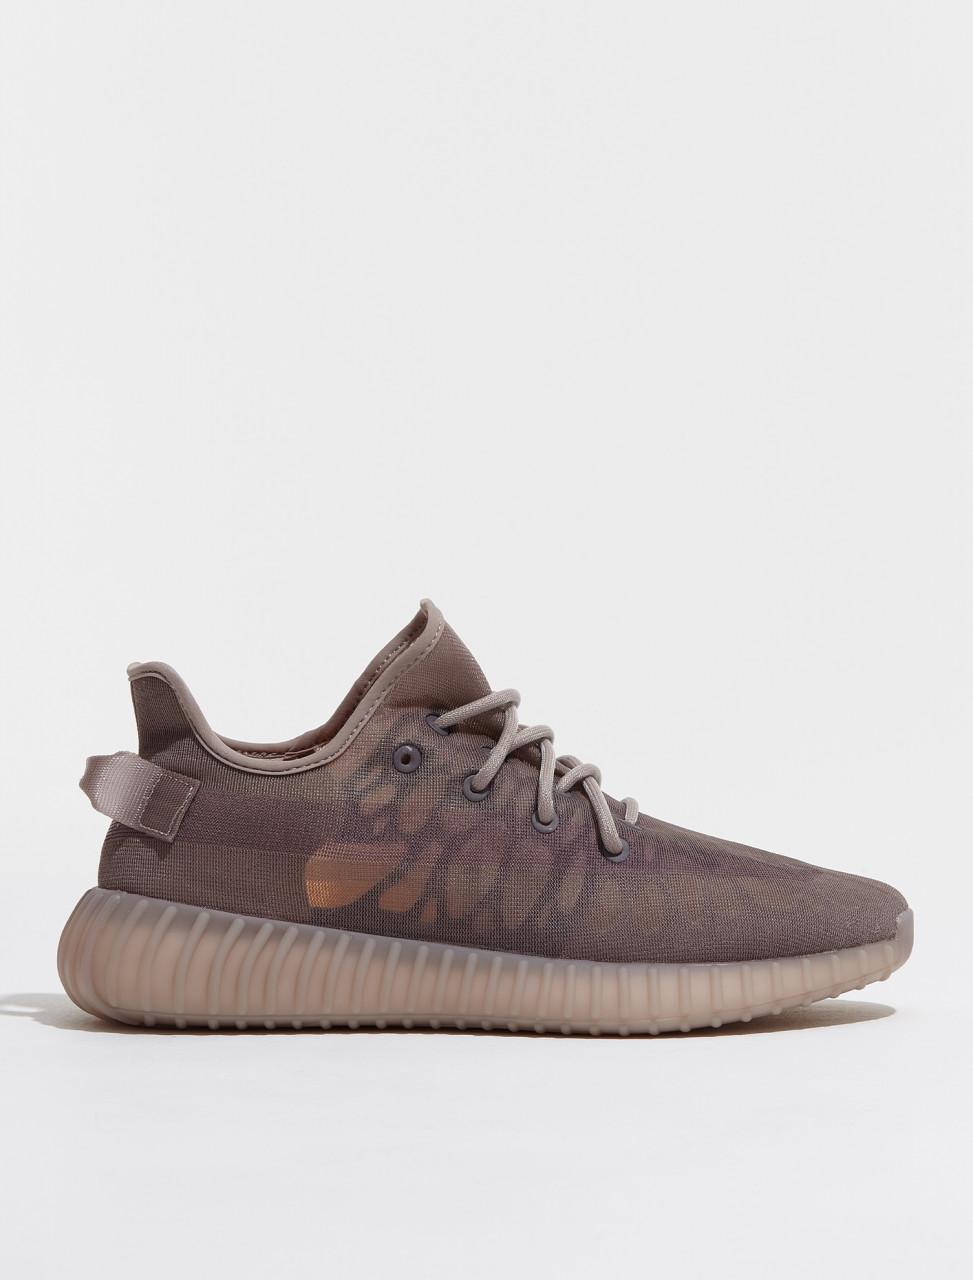 GW2871 ADIDAS X YEEZY Boost 350 v2 Sneaker in Mono Mist